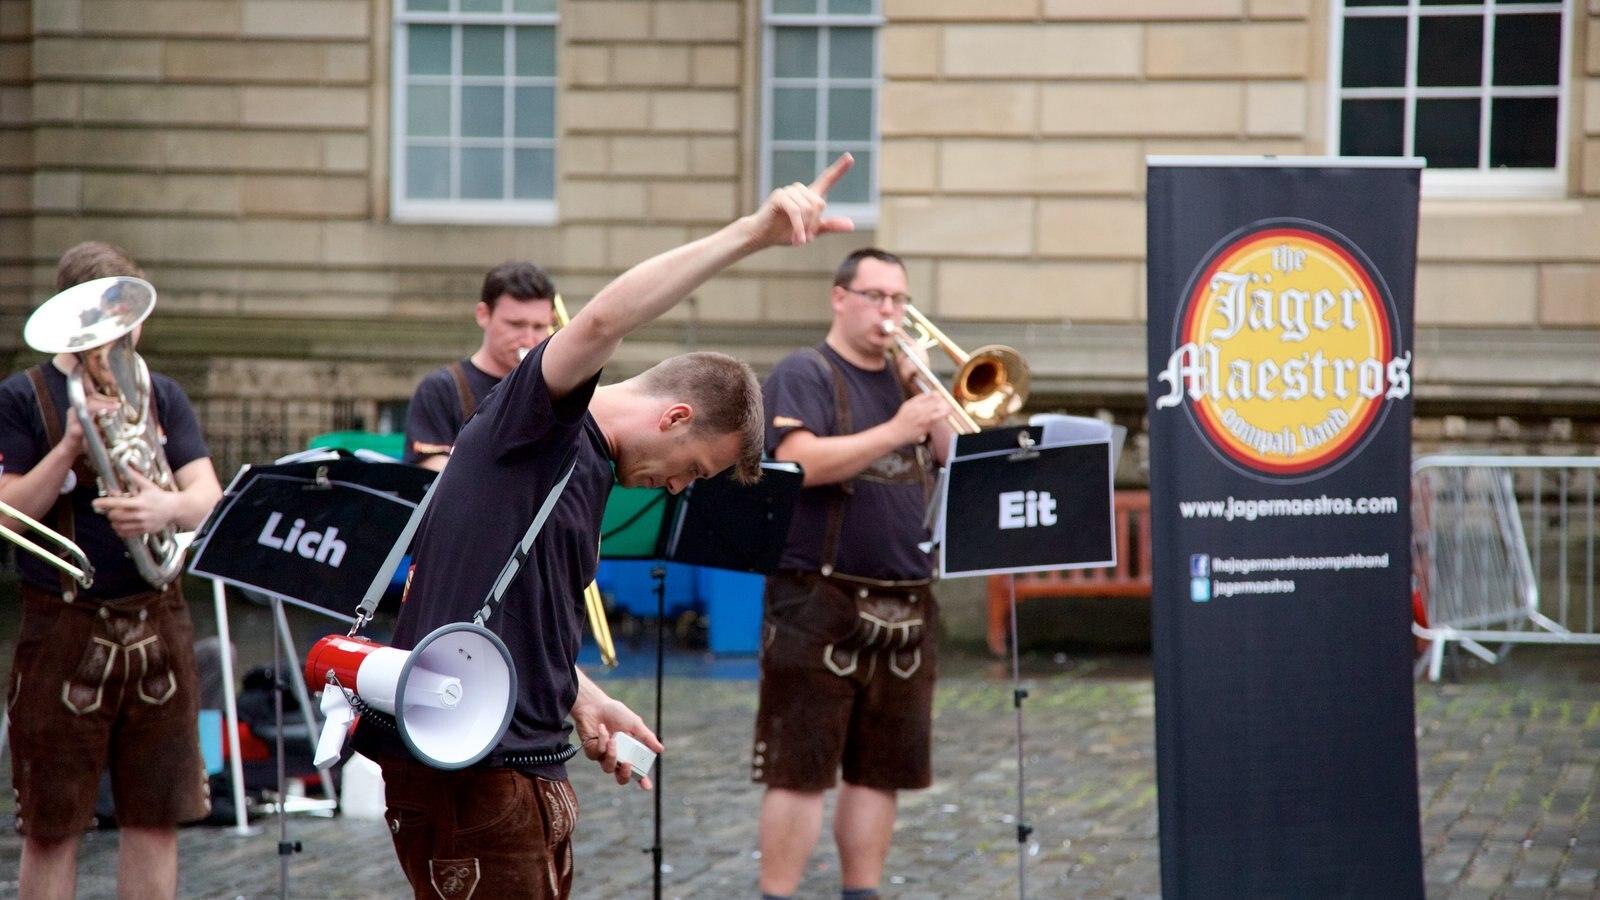 Old Town mostrando música, actuación callejera y arte escénica